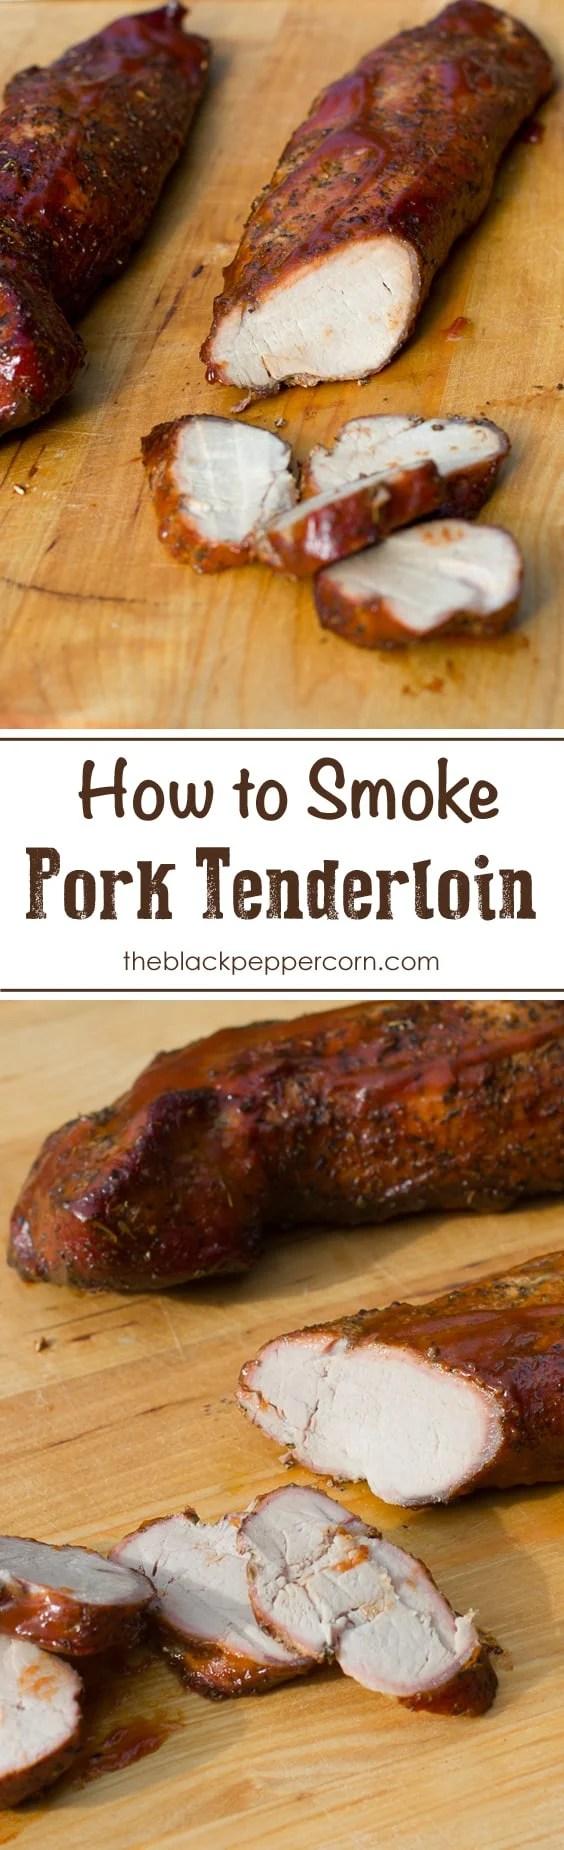 How to smoke a pork tenderloin